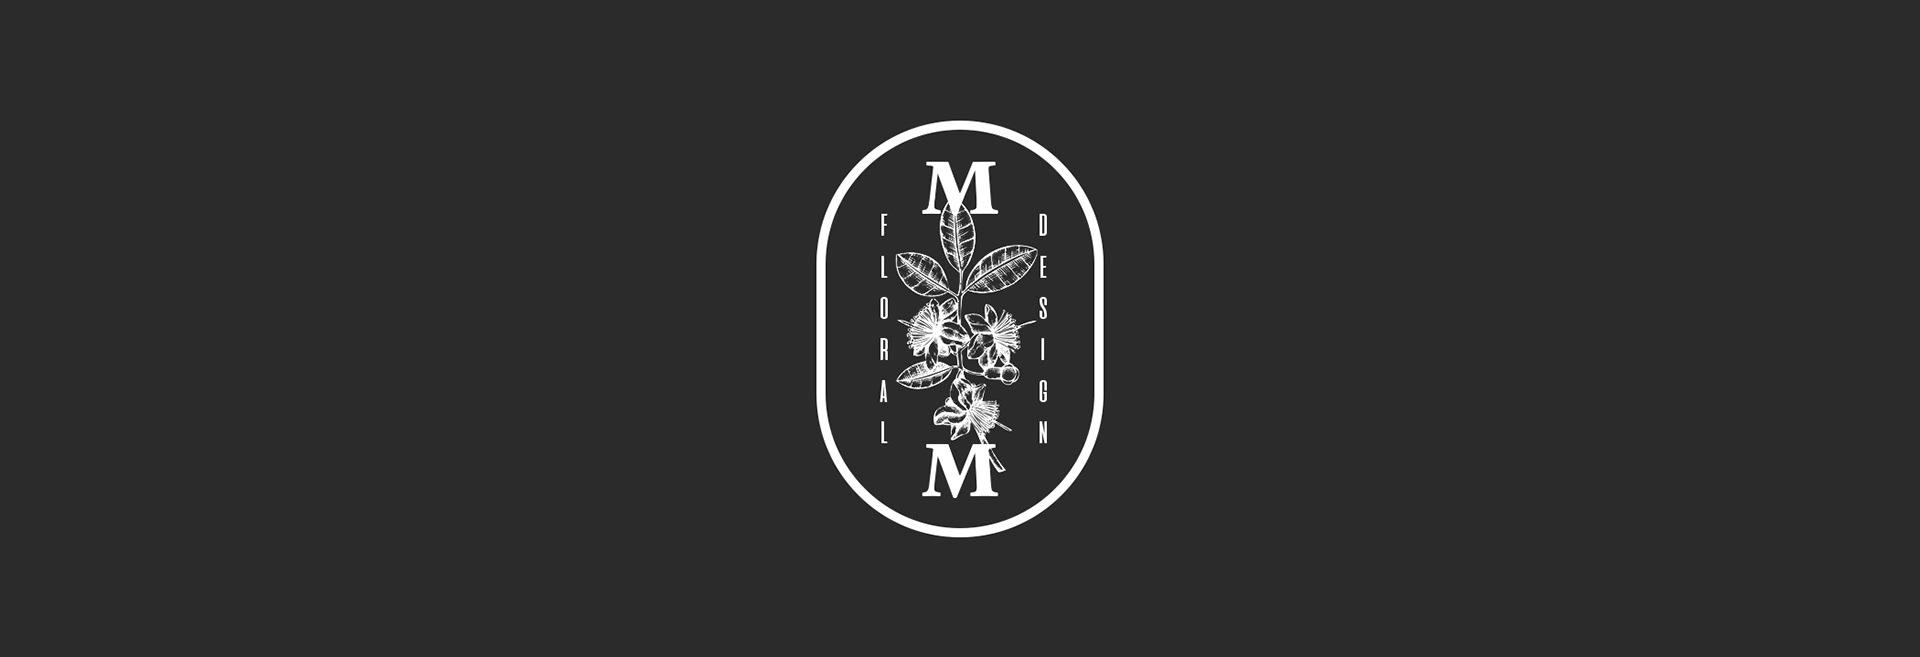 myrtle maiden sml.jpg